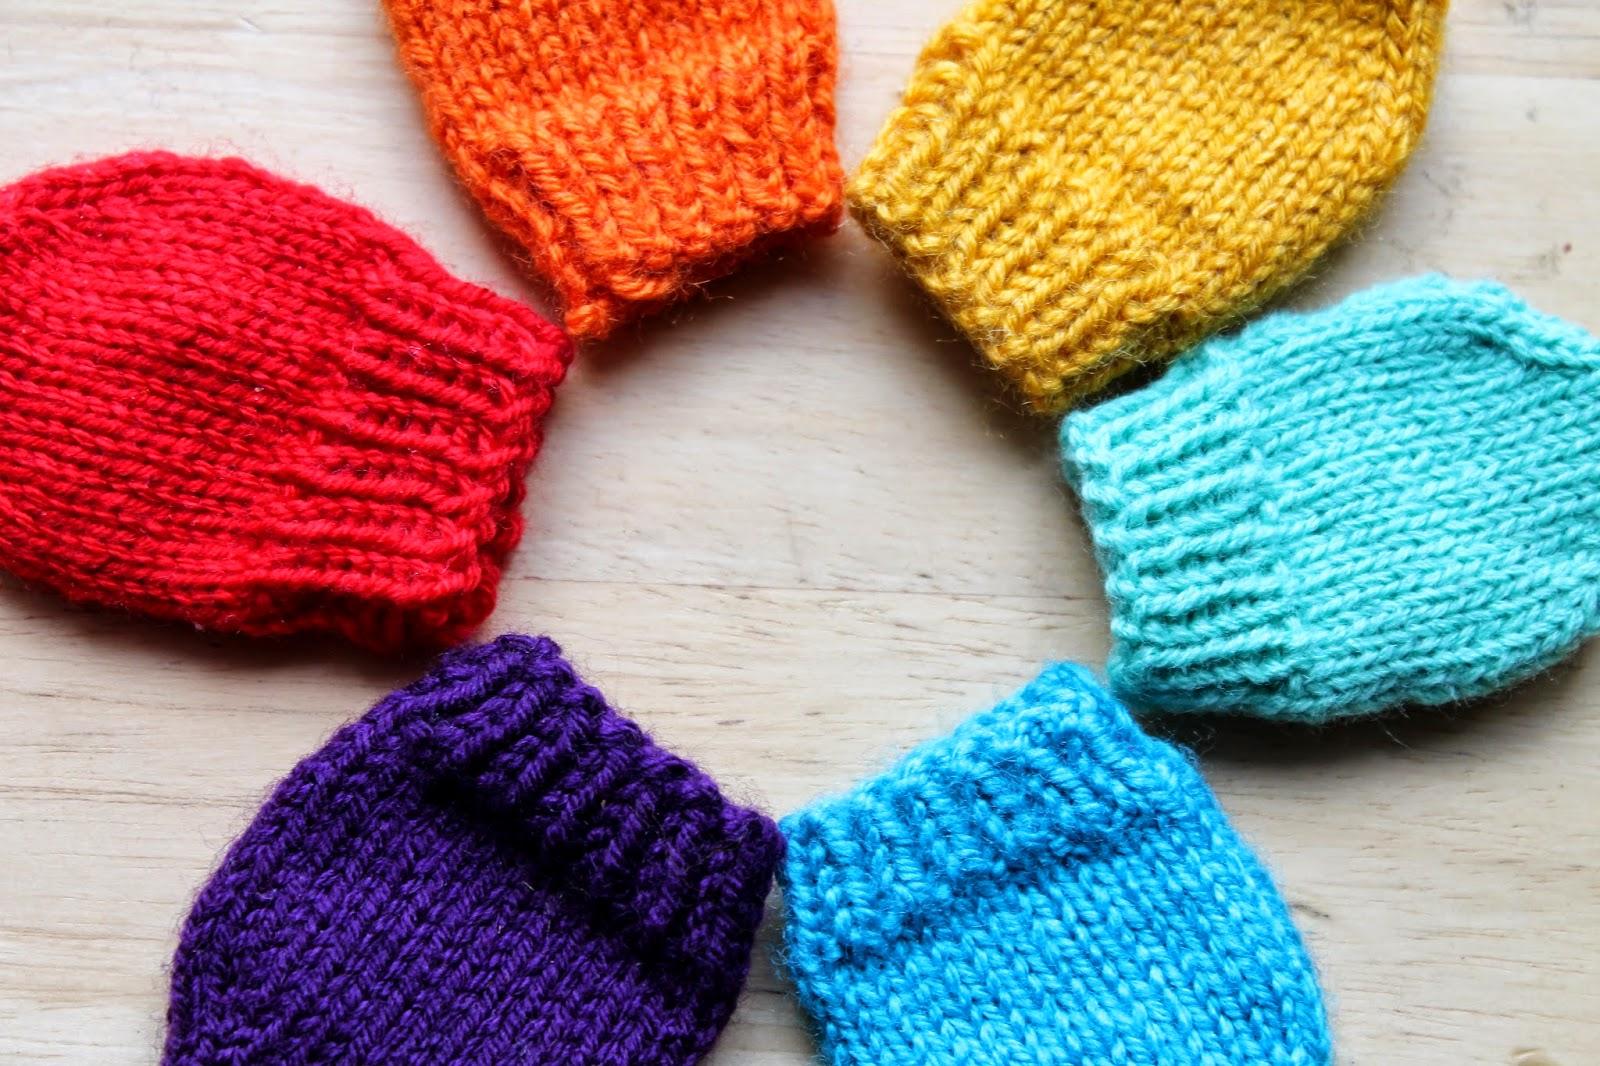 Anna et les Petites Choses ...  Moufles Rainbow  modèle gratuit  73989fcefa0